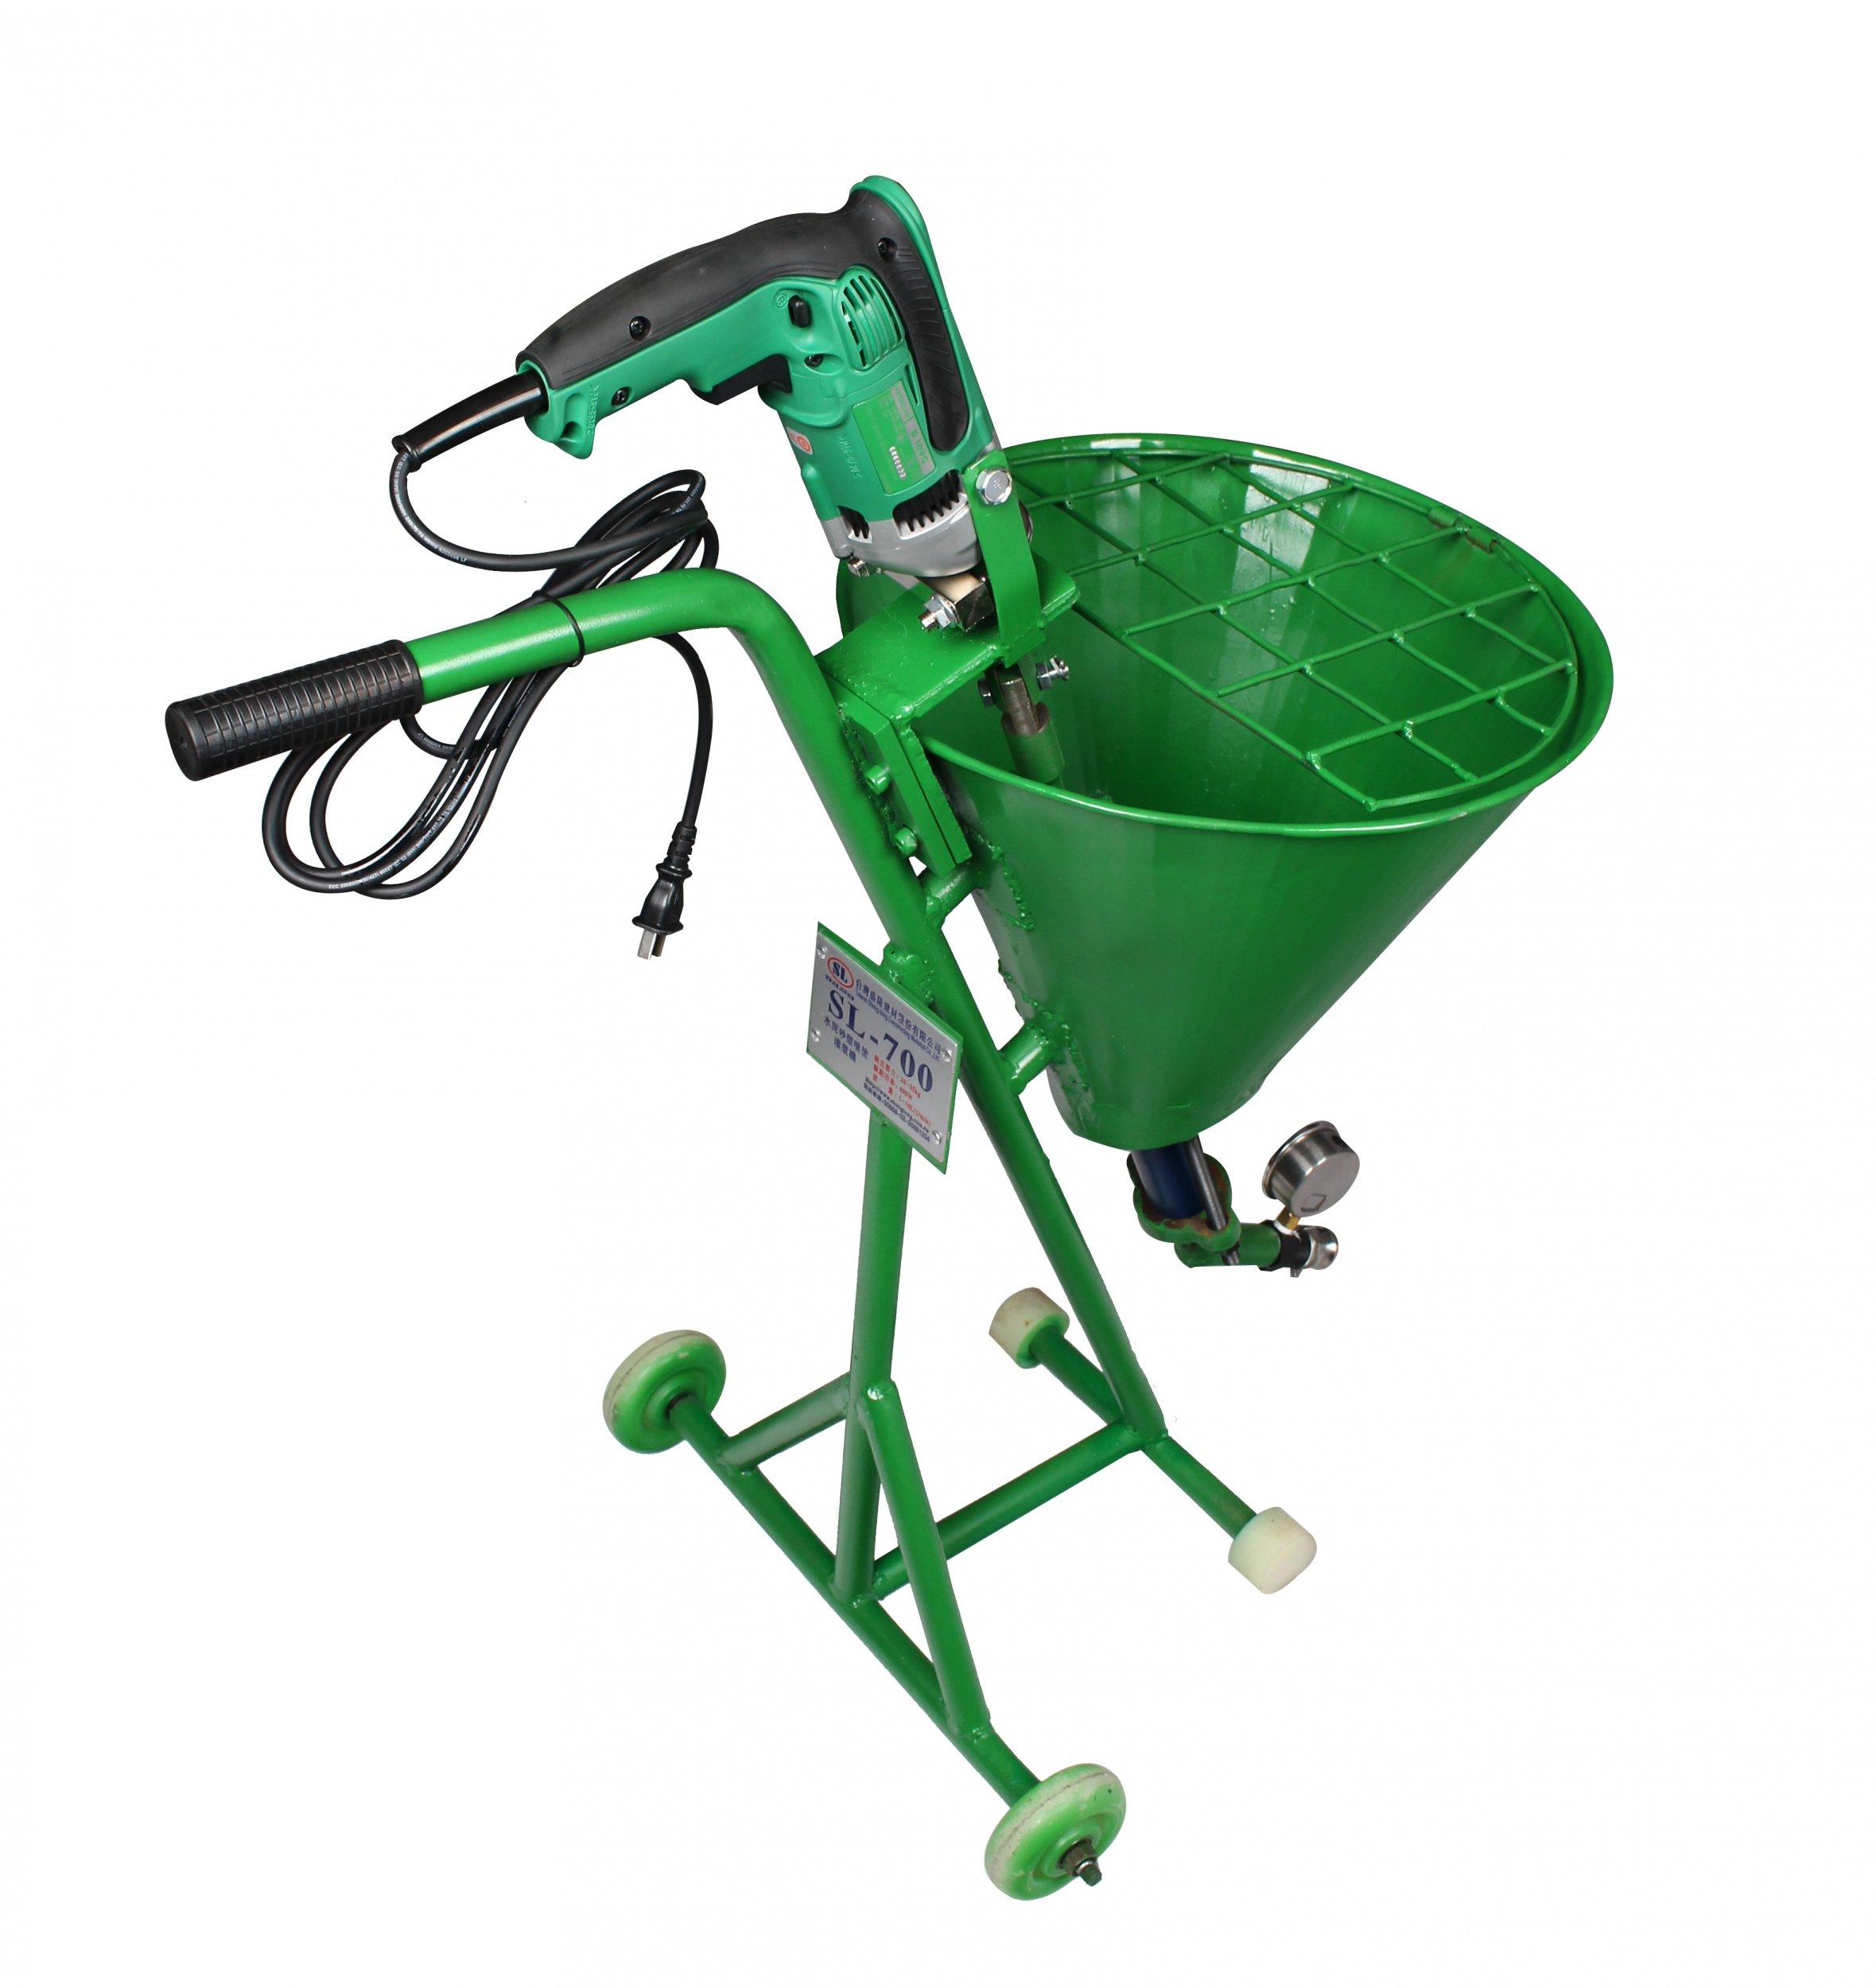 SL-700水泥砂浆喷涂机、灌浆机